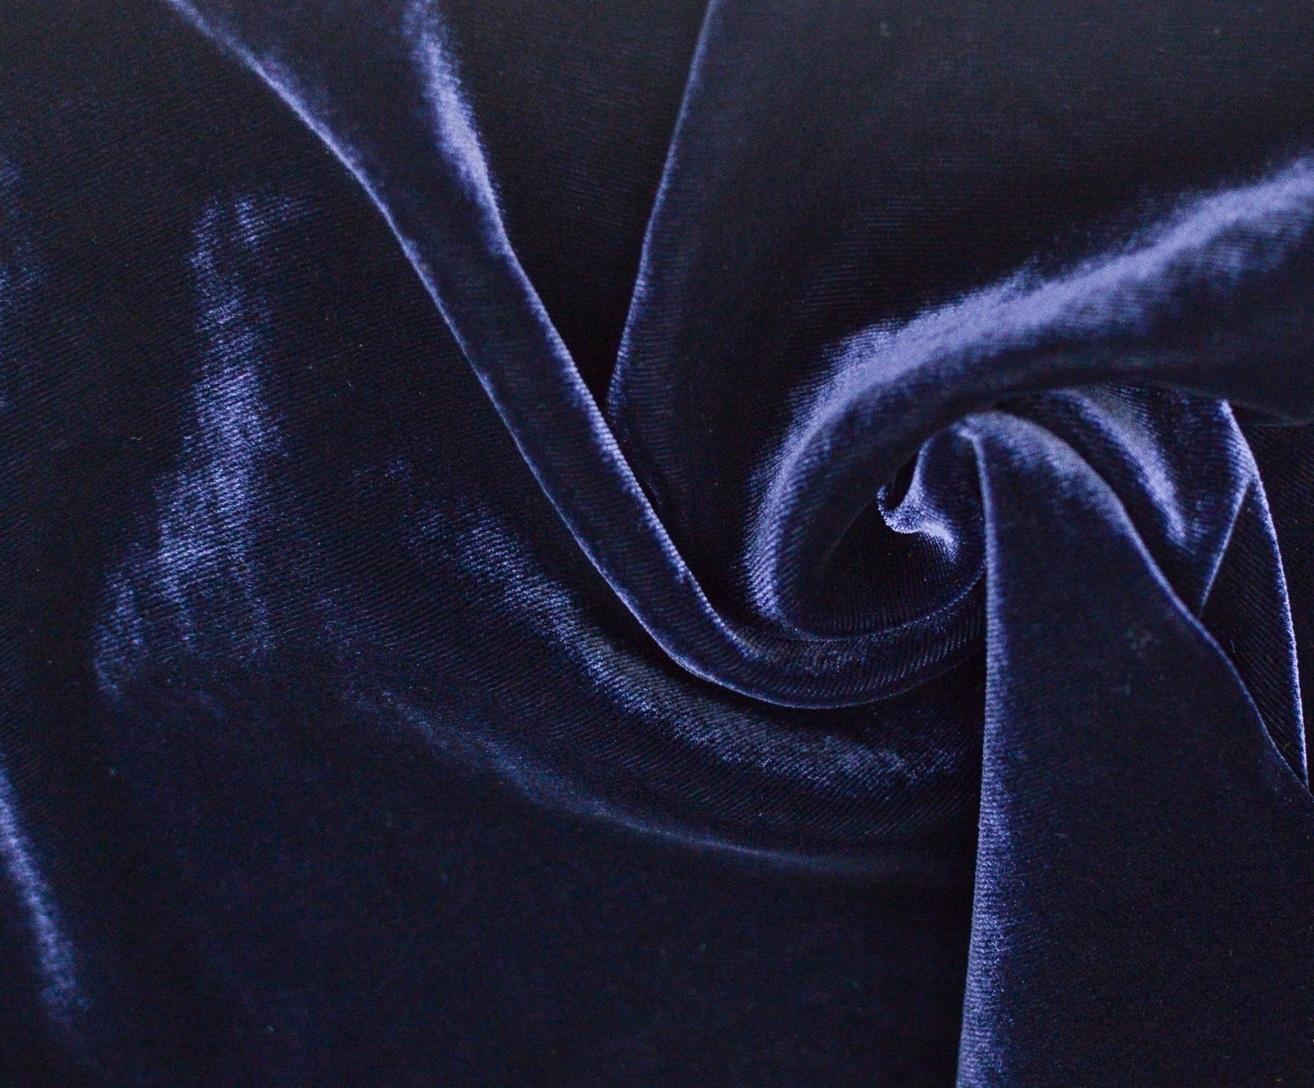 Бархат синий: Вискоза 58%, Шелк 40%, Эластан 2%